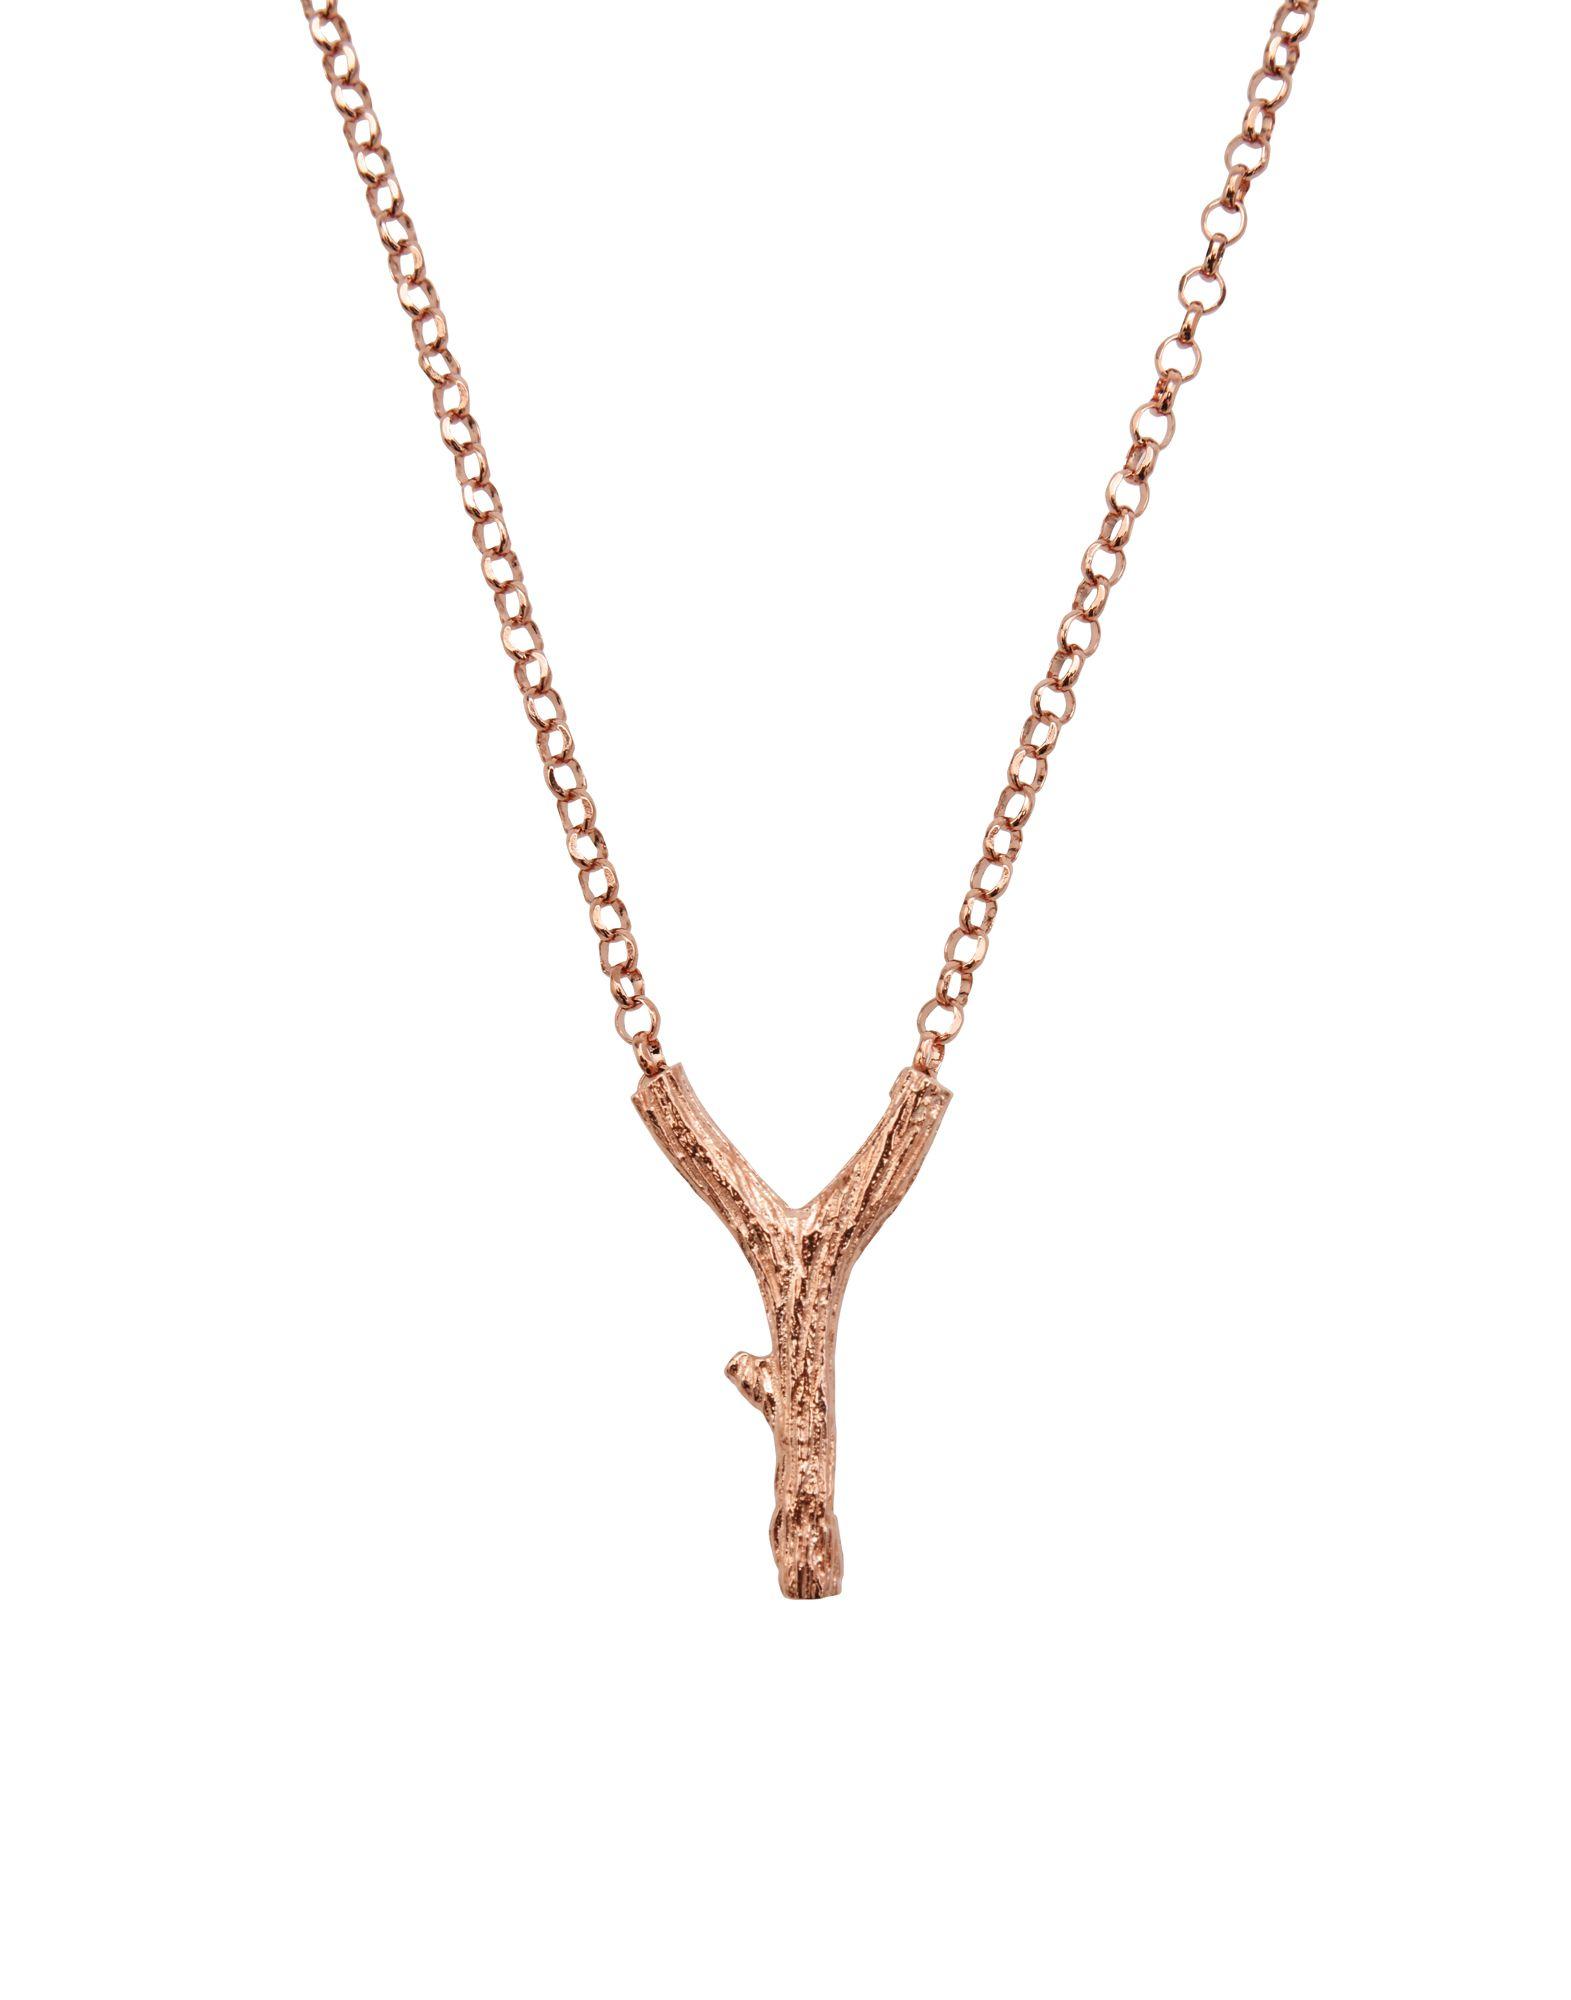 ILENIA CORTI VERNISSAGE Necklaces in Copper